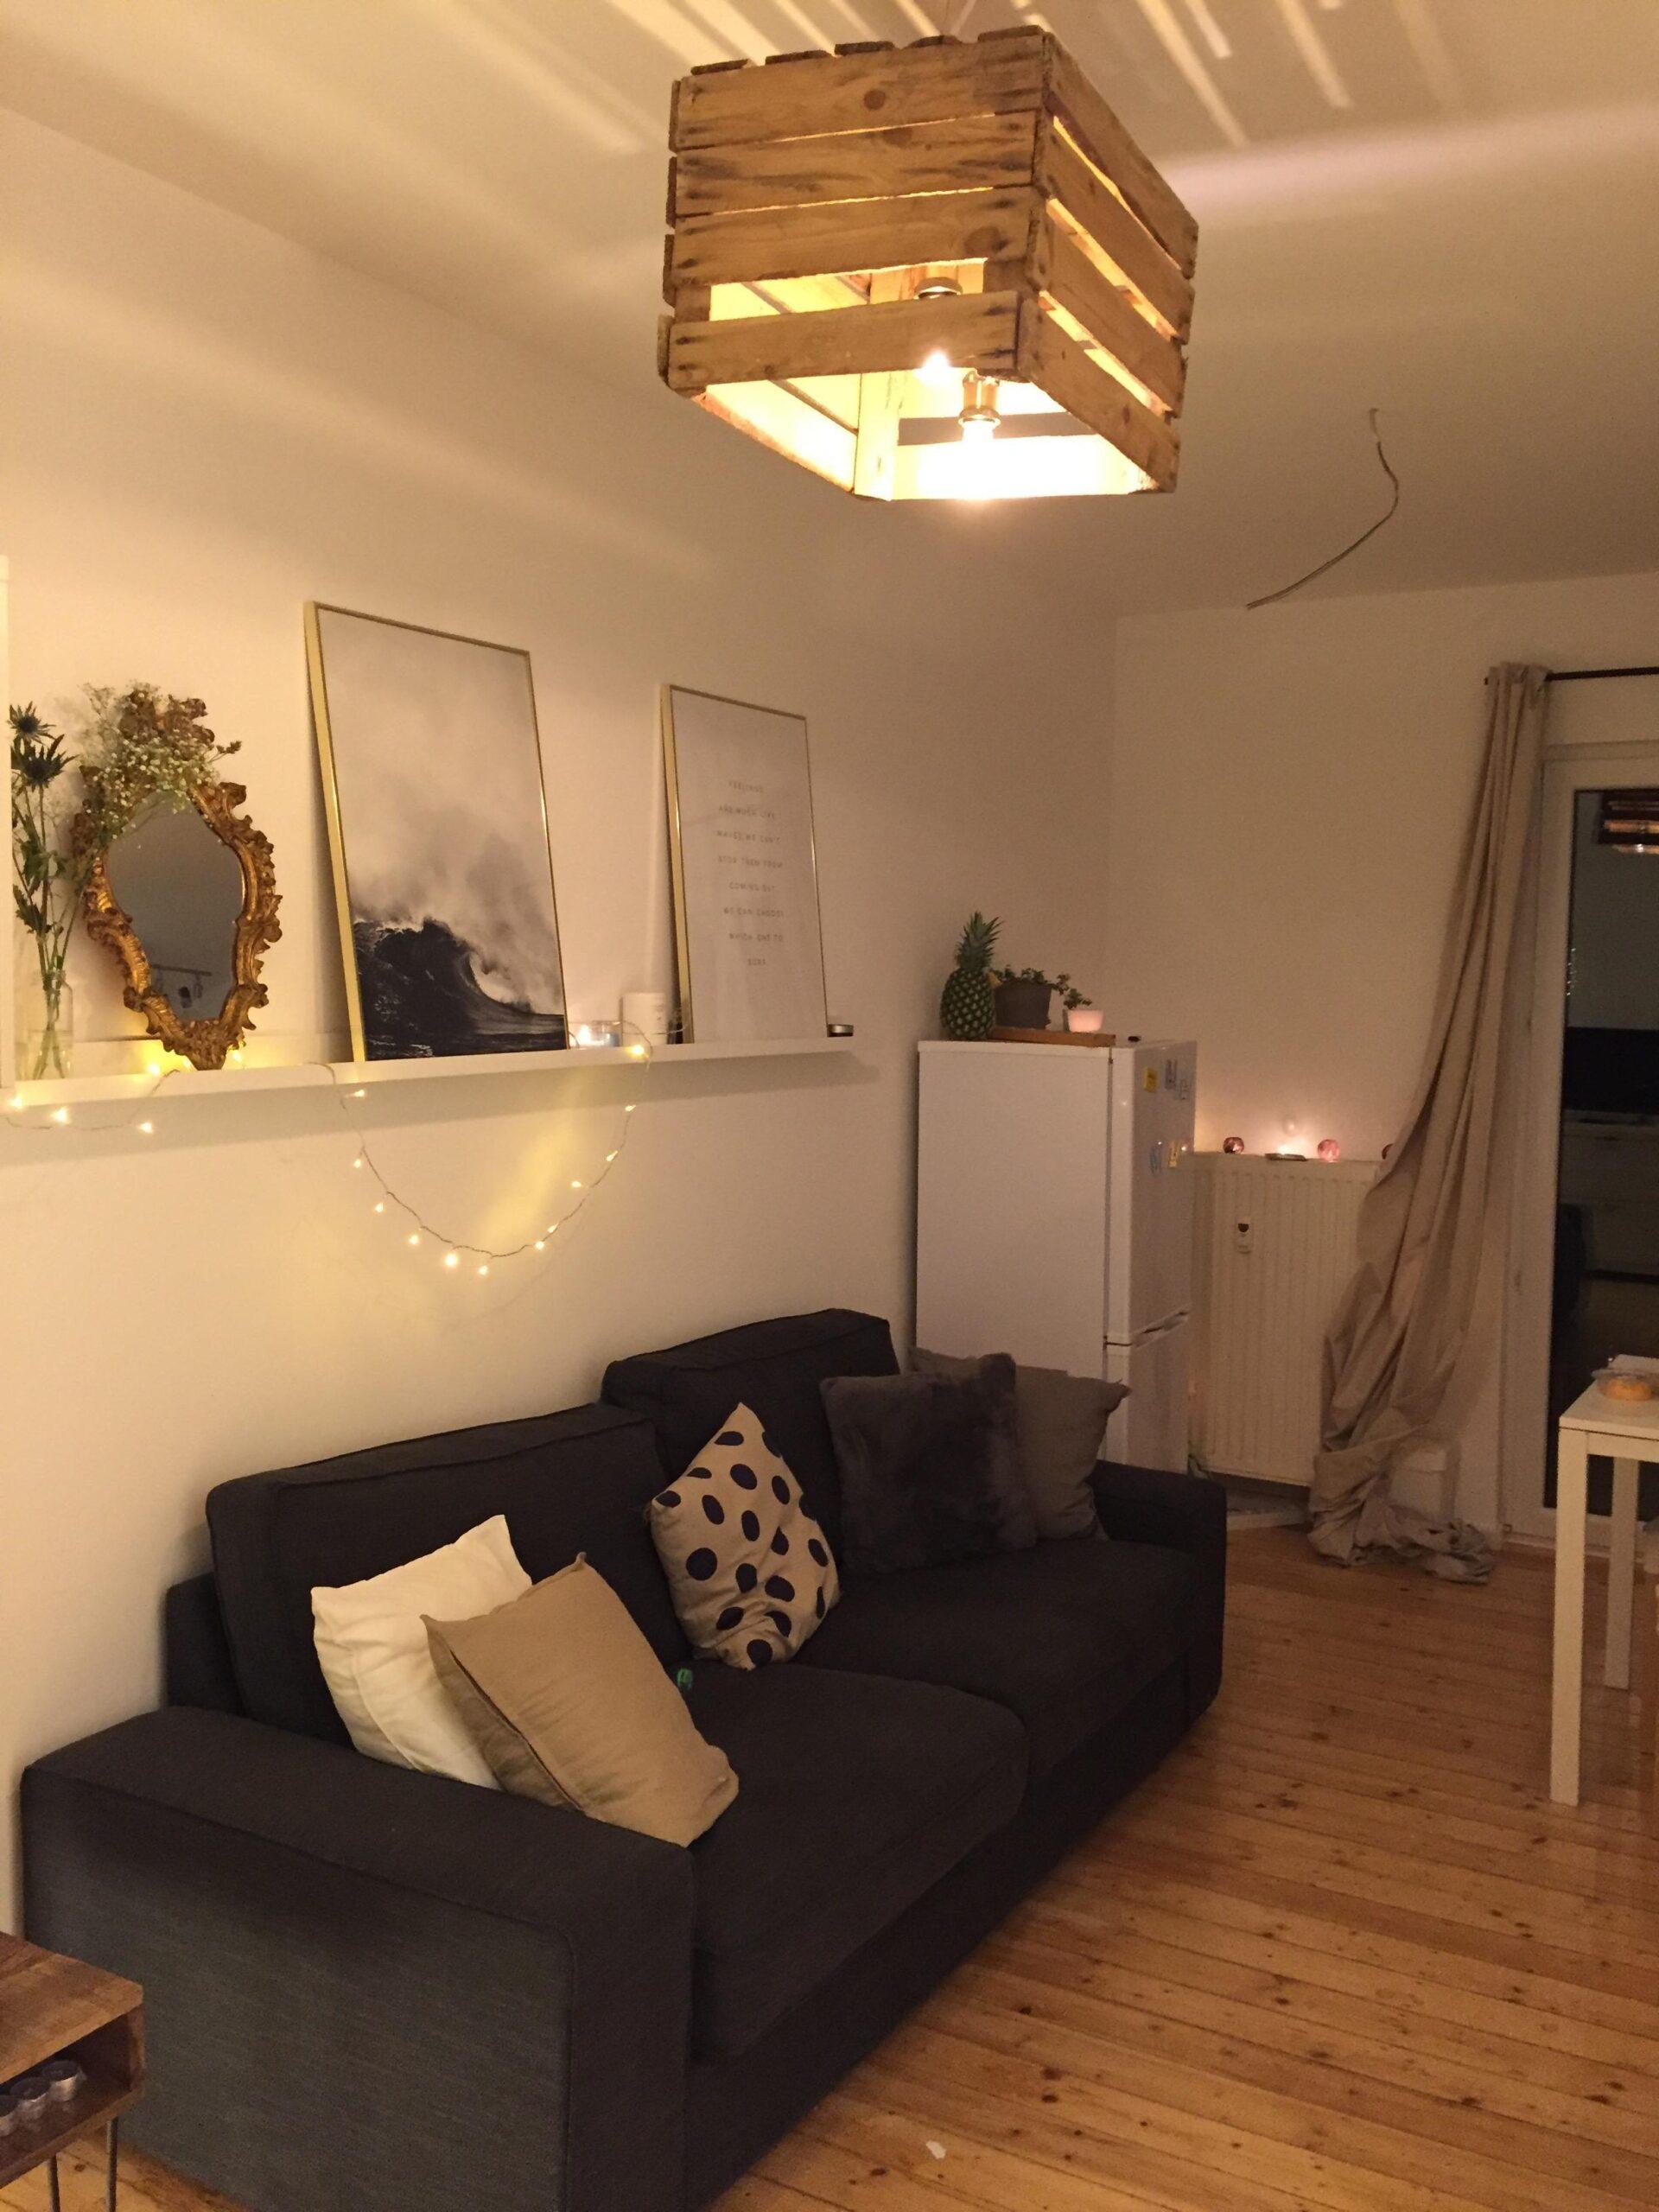 Full Size of Lampen Für Wohnzimmer Mit Diy Lampe Ikea Desenio Scandi L Led Deckenleuchte Gardinen Die Küche Stehlampe Decke Spiegelschrank Bad Folien Fenster Deko Wohnzimmer Lampen Für Wohnzimmer